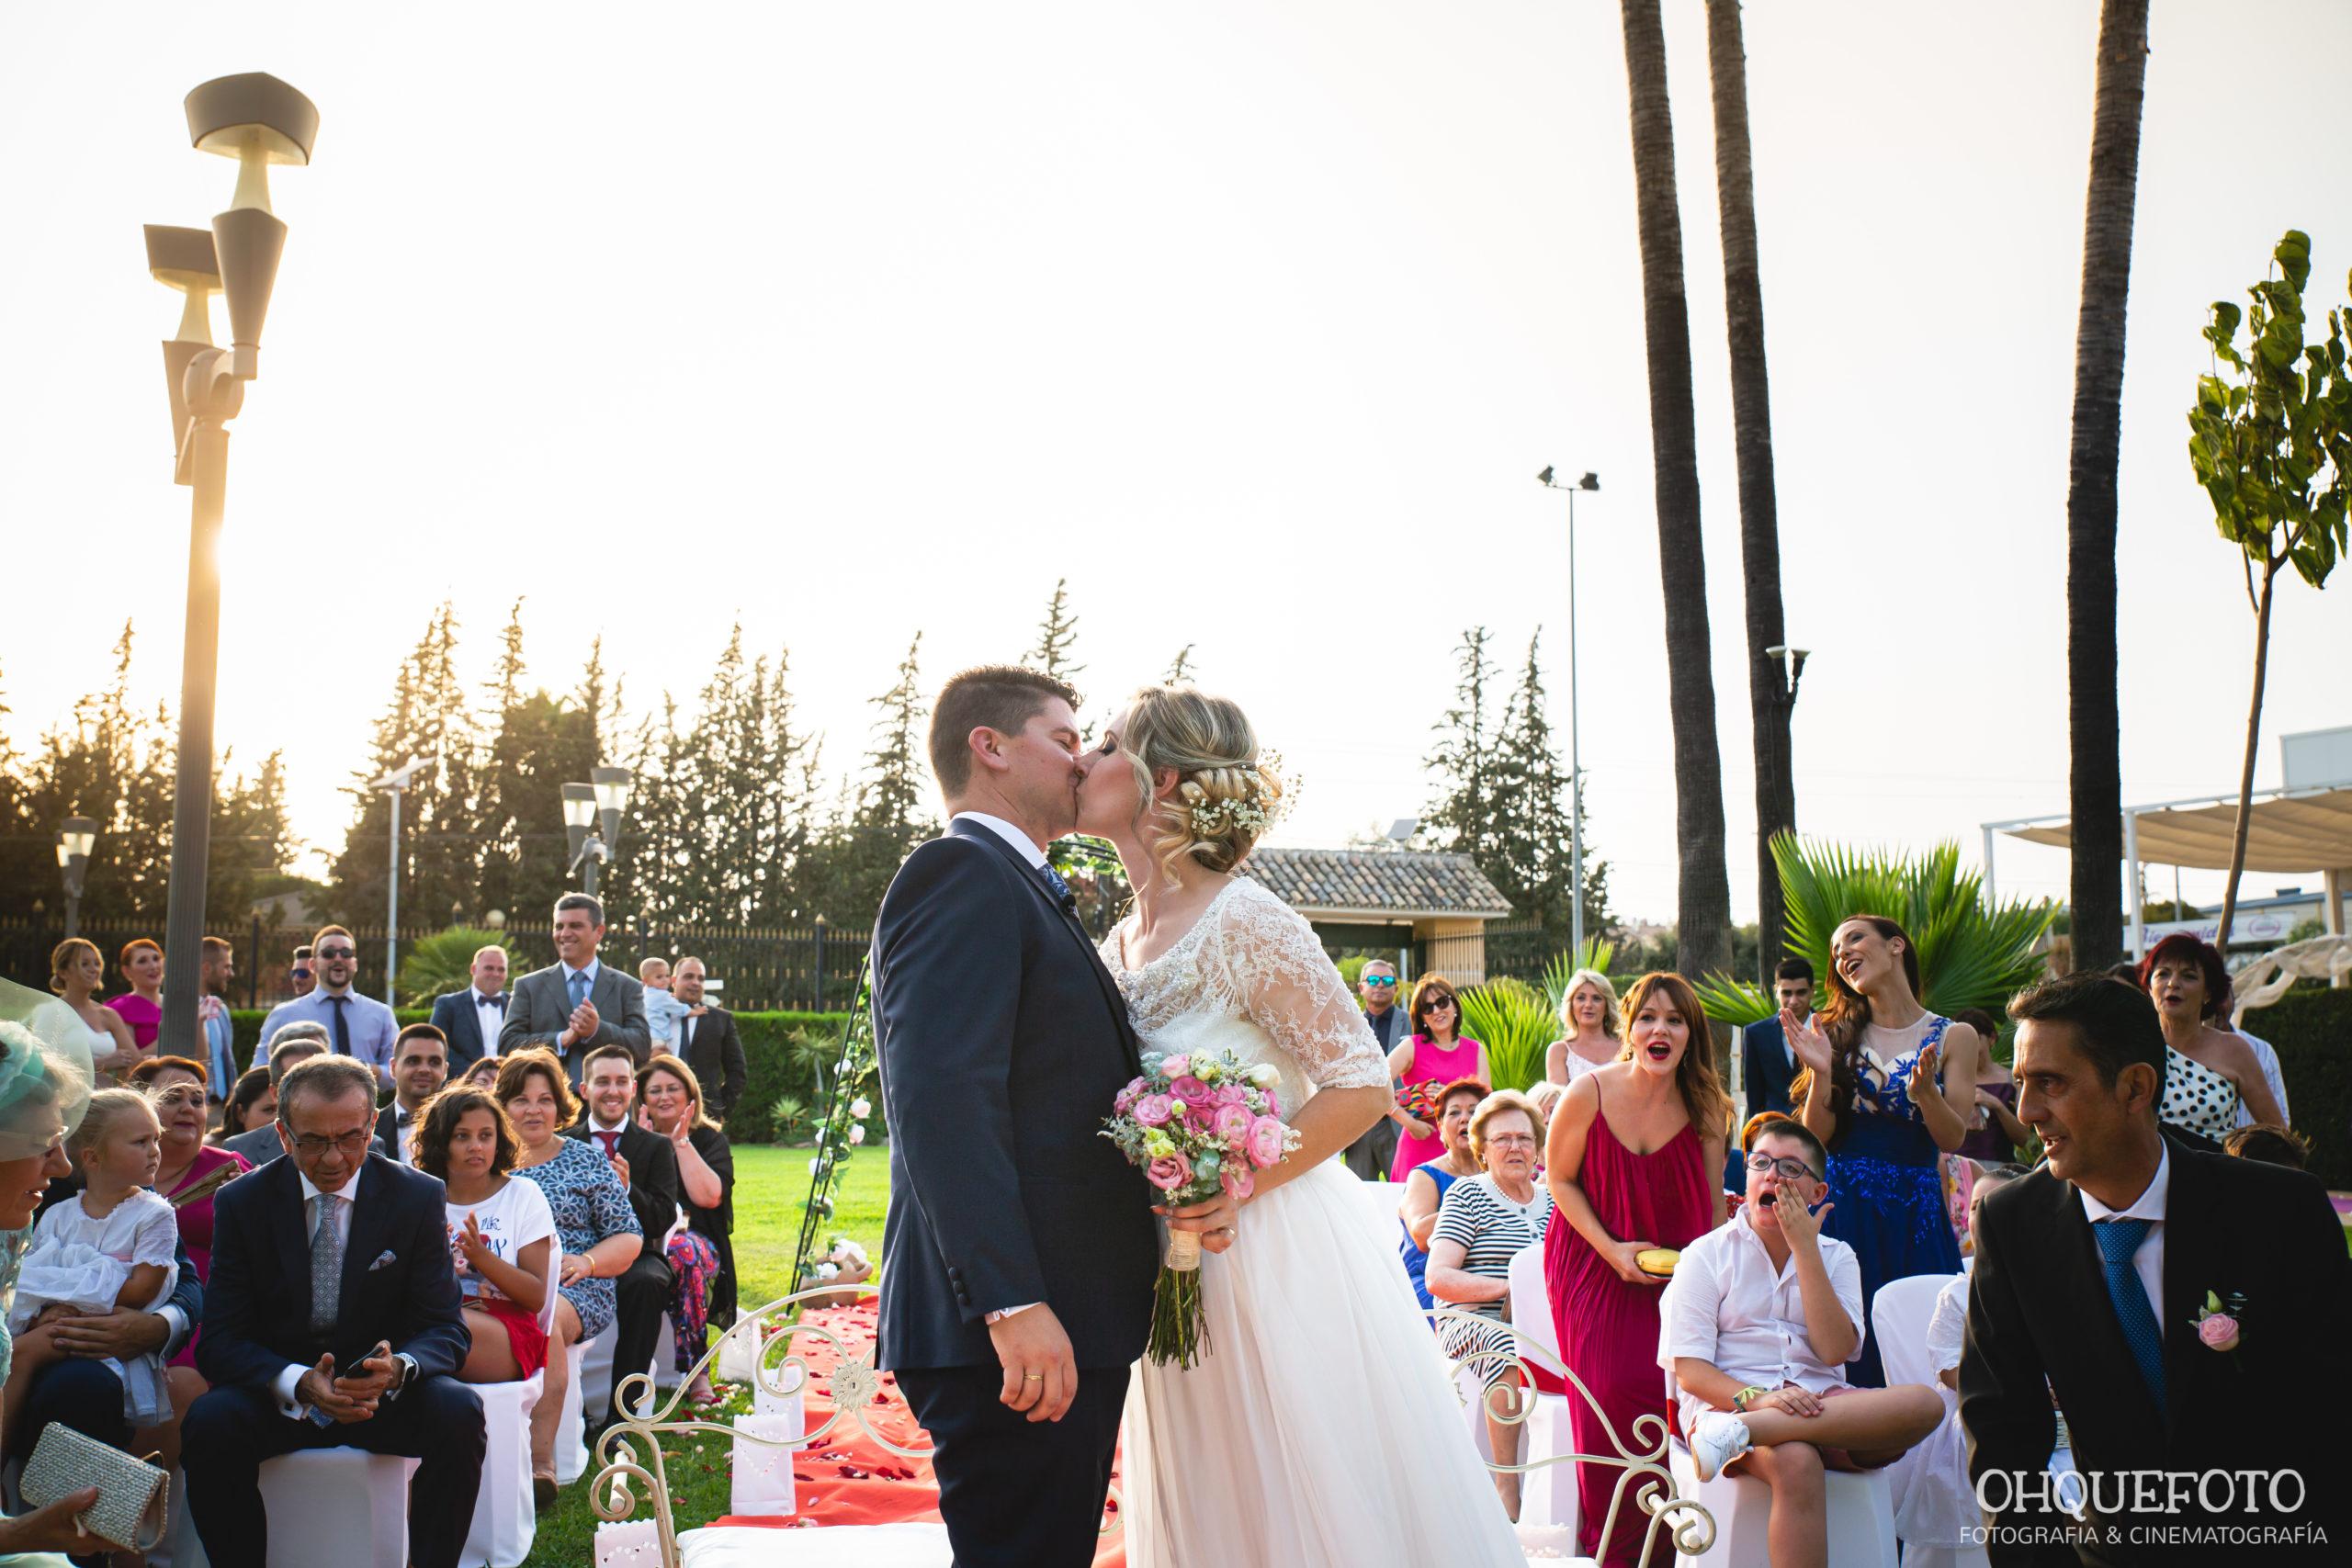 Boda-en-los-Jardines-del-Cardador-cordoba-reportaje-de-bodas5